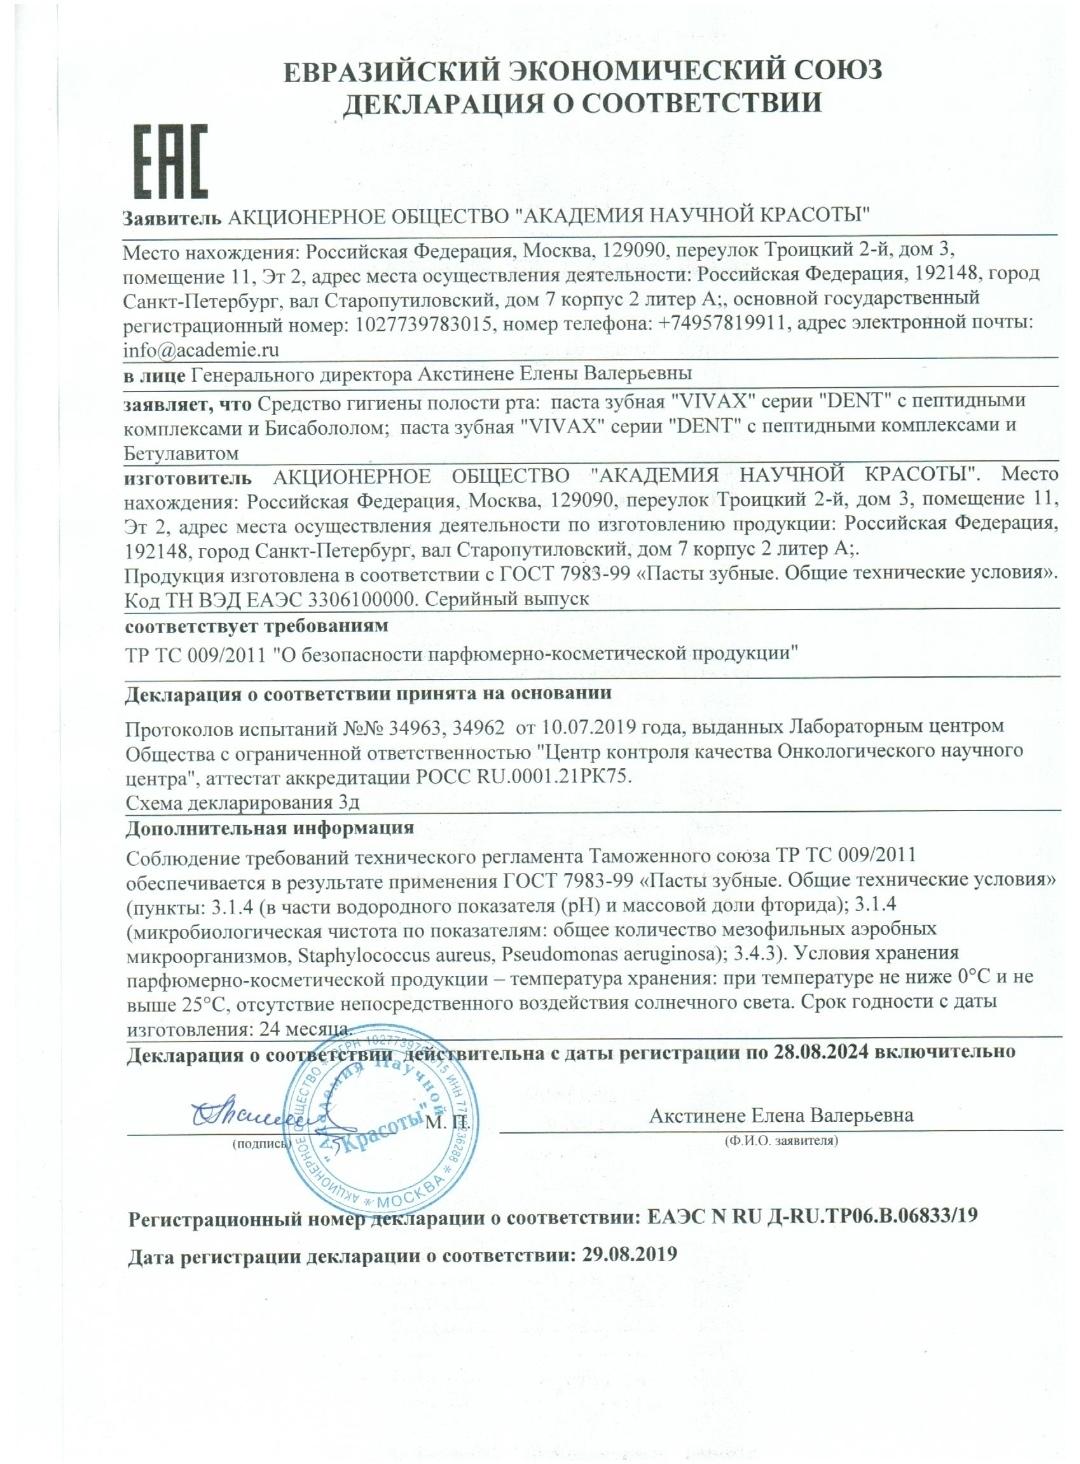 VIVAX DENT зубная паста с пептидами и Бетулавитом- Декларация соответствия